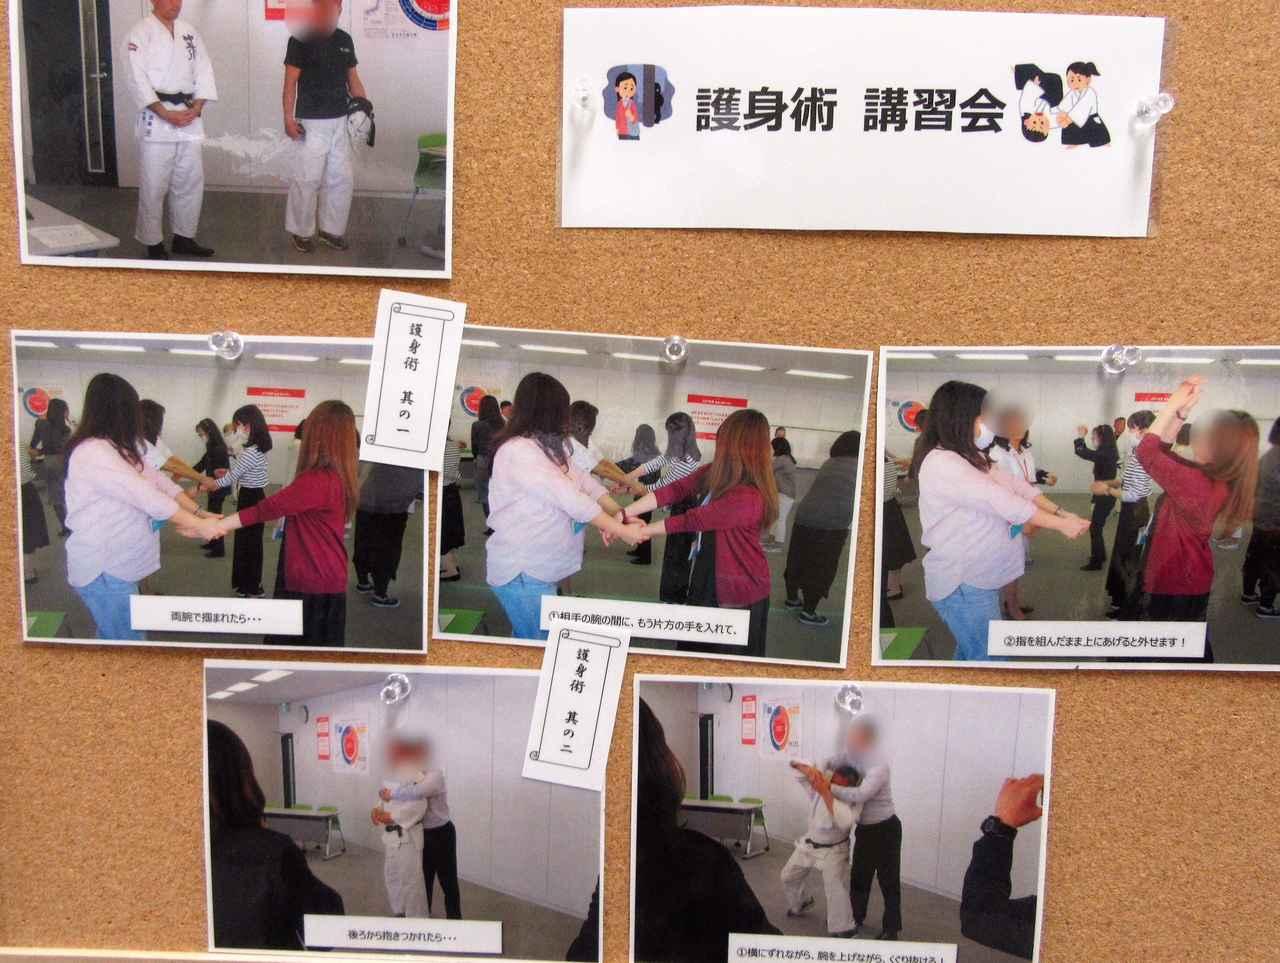 画像2: 各種研修開催お知らせの掲示板